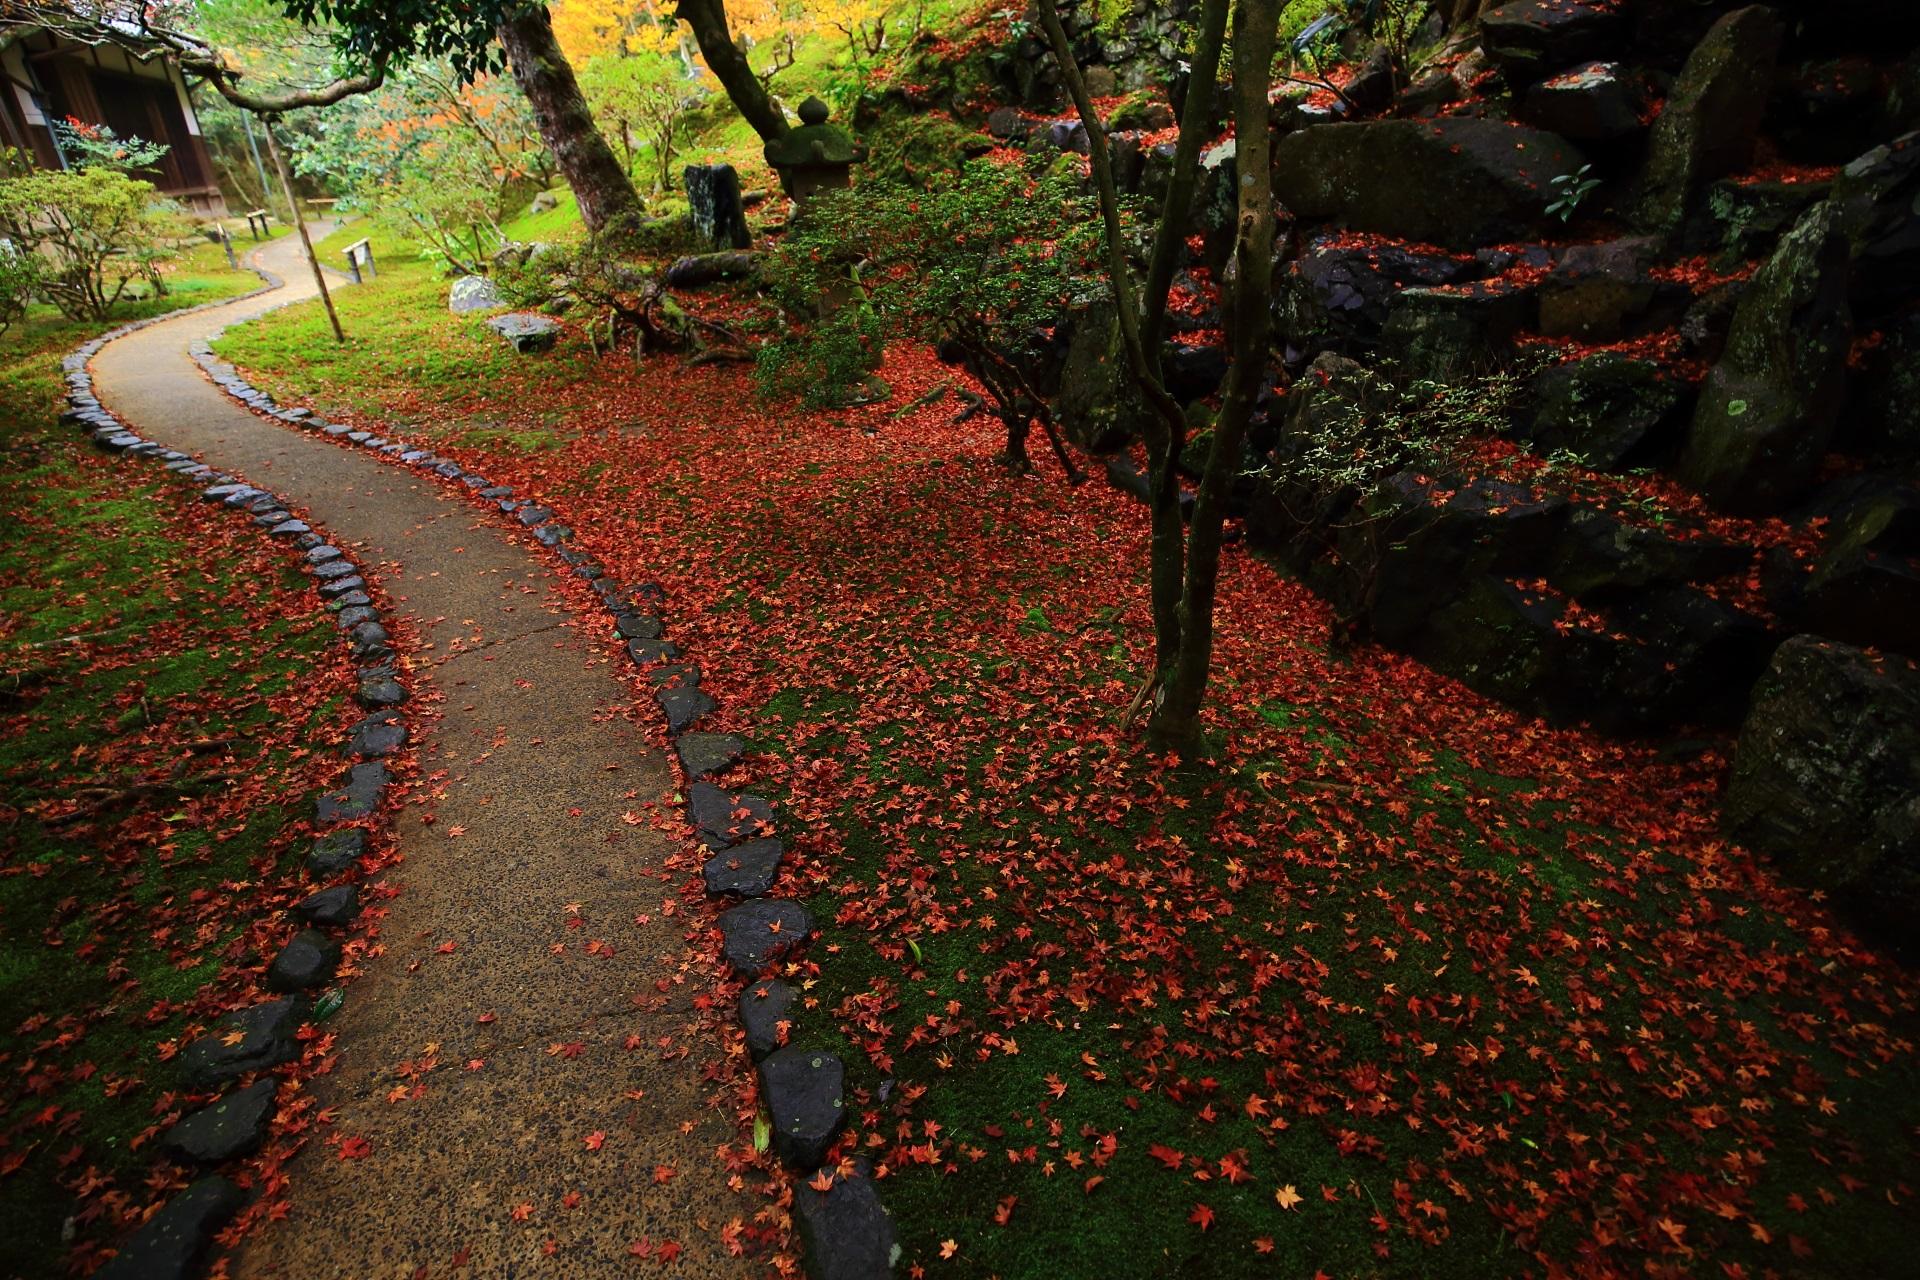 霊鑑寺 紅葉 庭園を彩る極上の散りもみじの名所